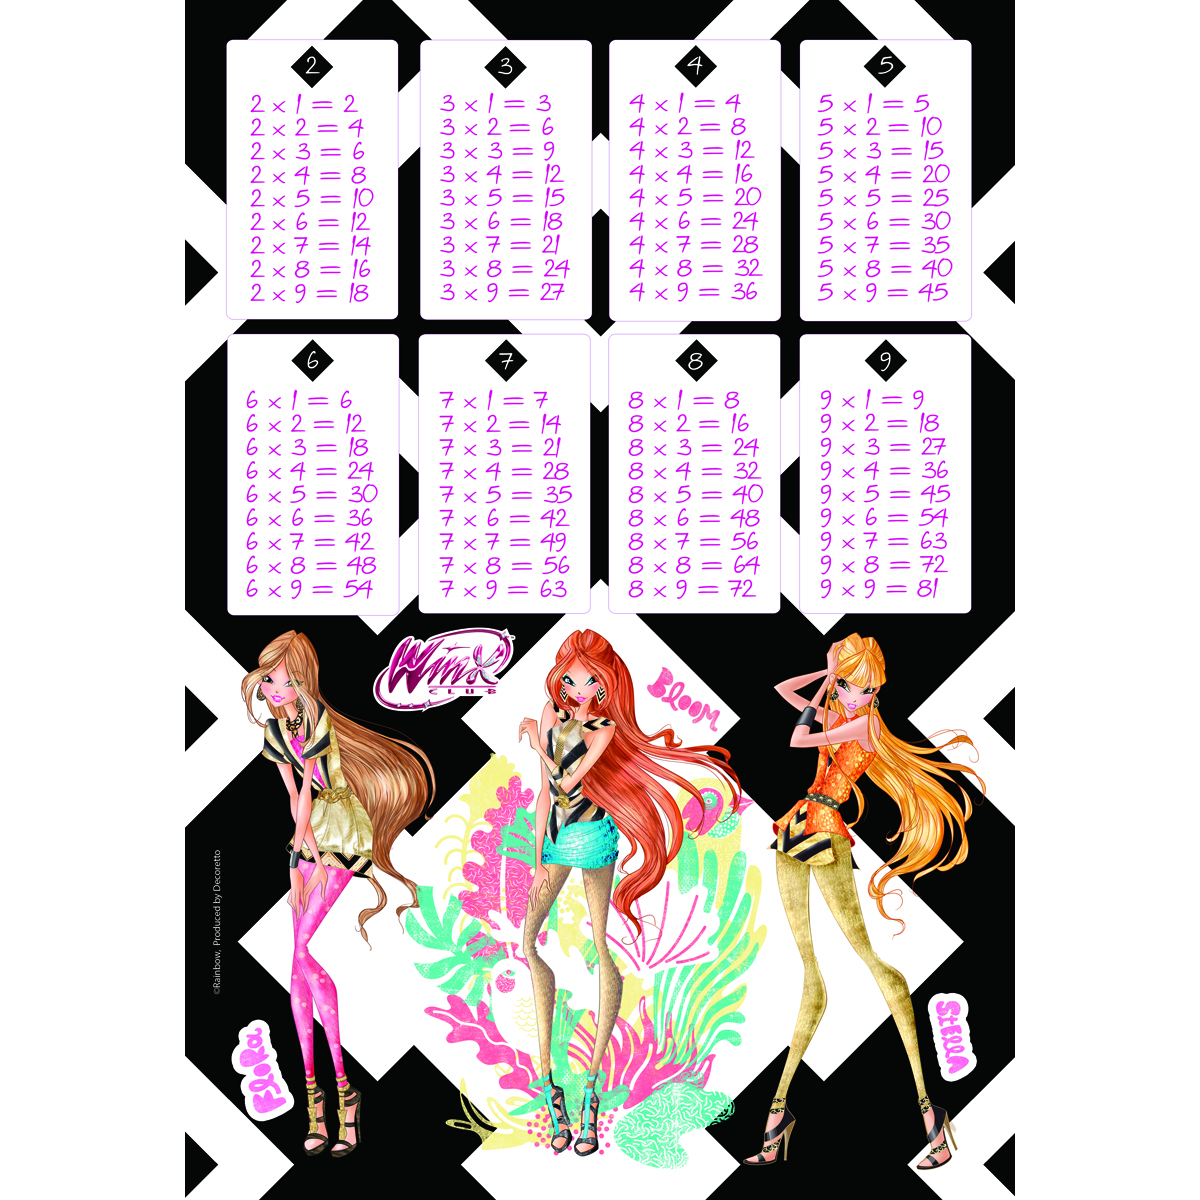 Decoretto Наклейка Таблица умножения Winx Fashion0703415Наклейка Decoretto Таблица умножения. Winx Fashion выполнена из винила и оформлена персонажами популярного мультсериала Клуб Винкс: Школа волшебниц. С ней процесс обучения ребенка таблице умножения пройдет намного веселее.Особенности наклейки: - cъемная и многоразовая (не оставляет следов);- водостойкая; - безопасна для окрашенных стен; - матовое исполнение; - нетоксичный, экологически чистый материал; - поставляется с инструкцией;- держится на поверхности не менее 3 лет.Подходит для следующих поверхностей: дерево, плитка, металл, стекло, обои, пластик.